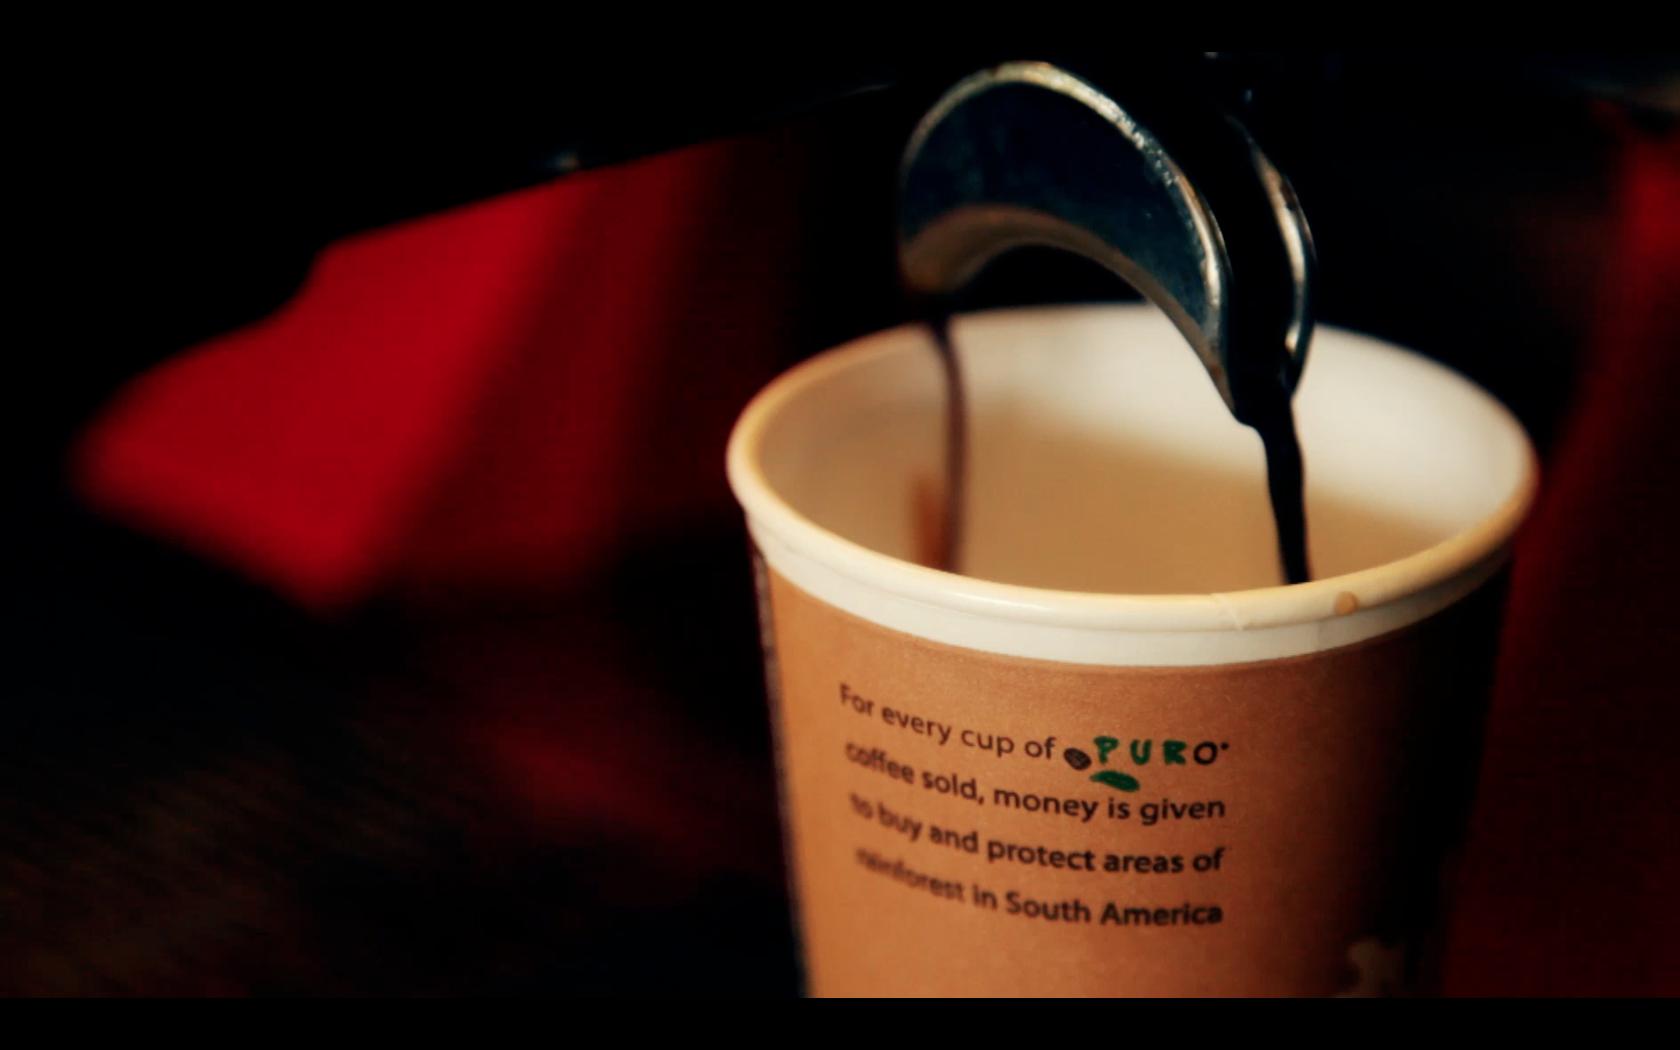 Puro Coffee Pour